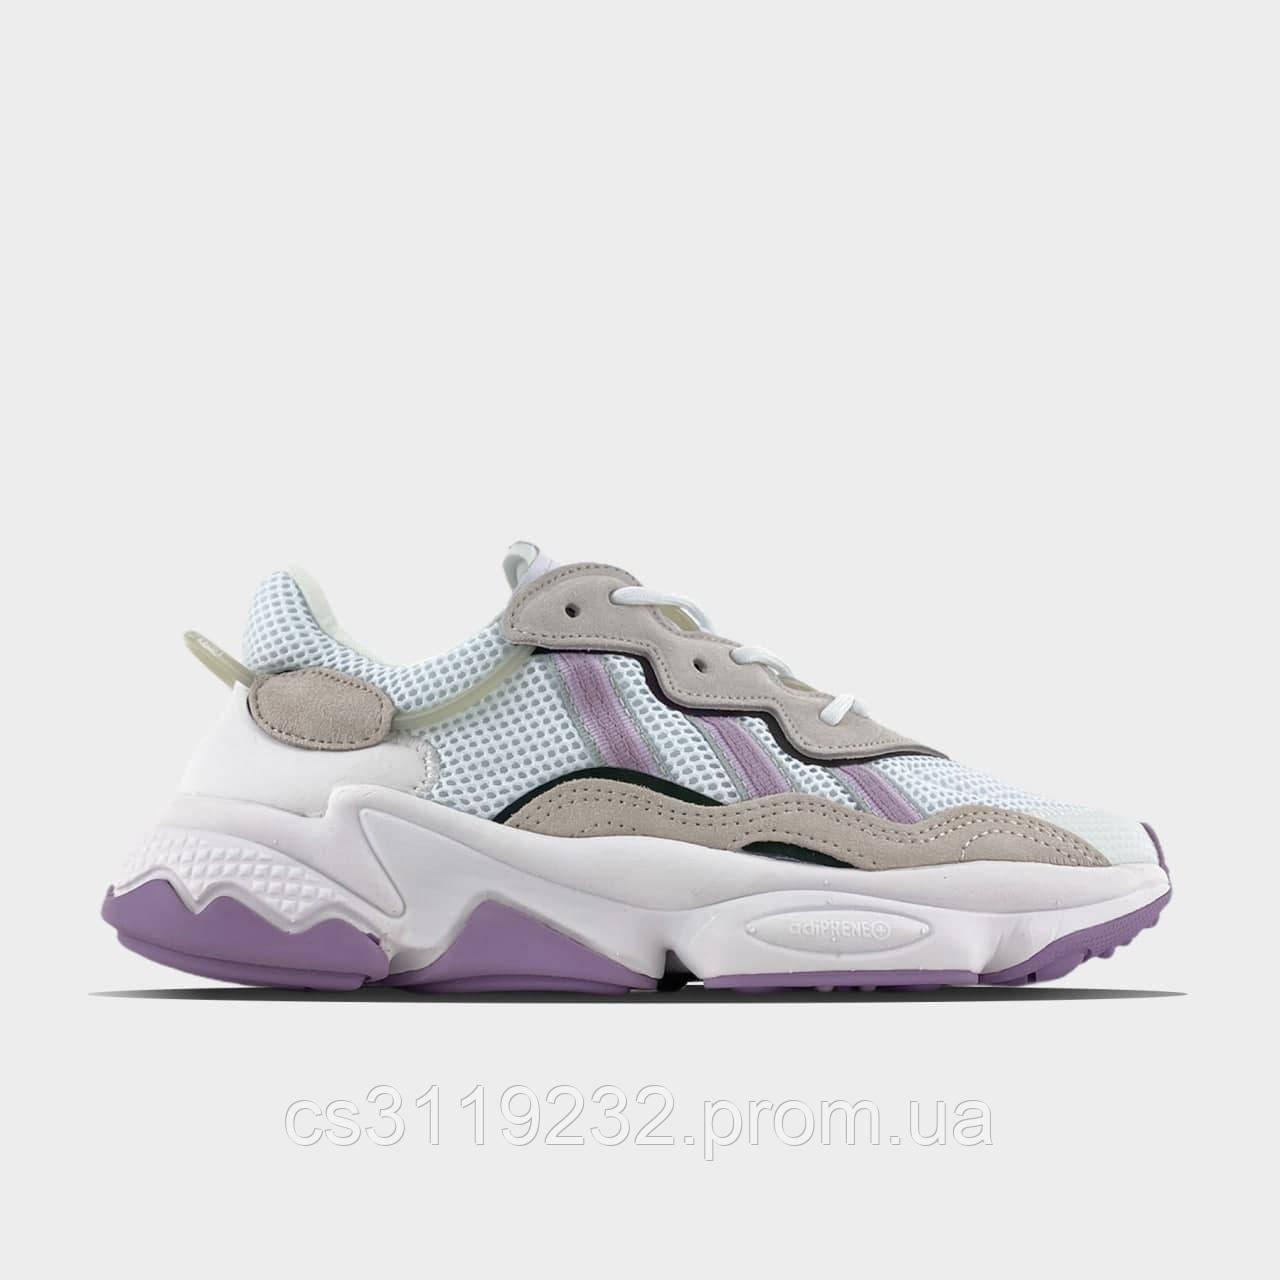 Кросівки жіночі Adidas Ozweego Violet White (Бузковий) Адідас Озвего